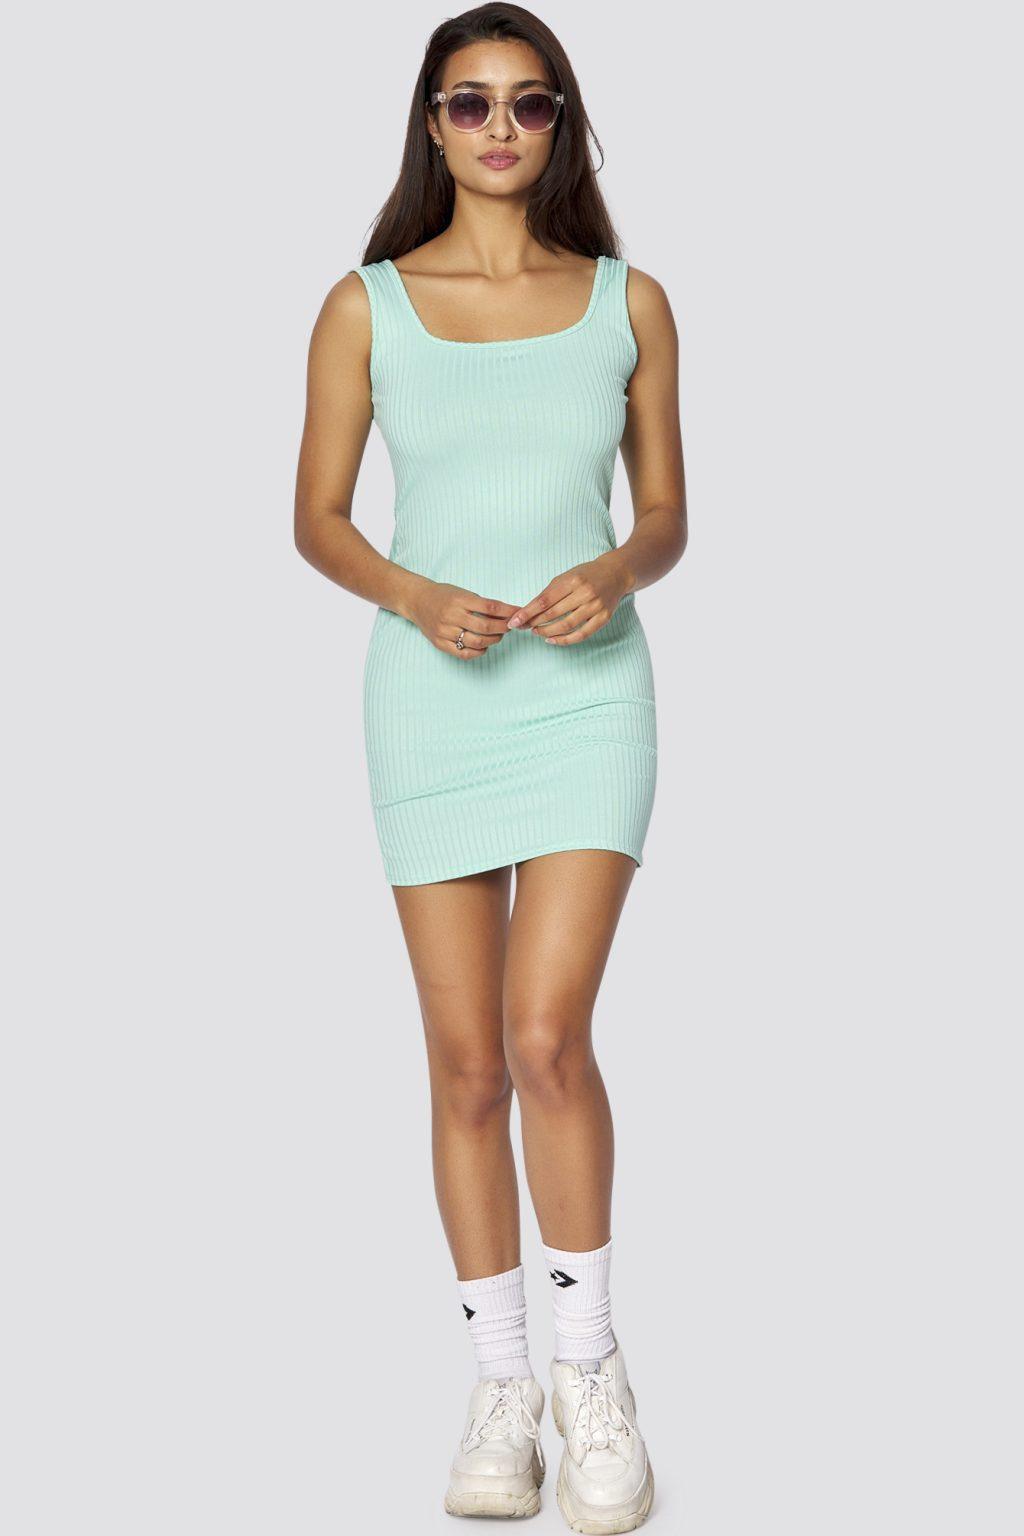 Geripptes Kleid Mona  Frauen Kleider  Freshlions